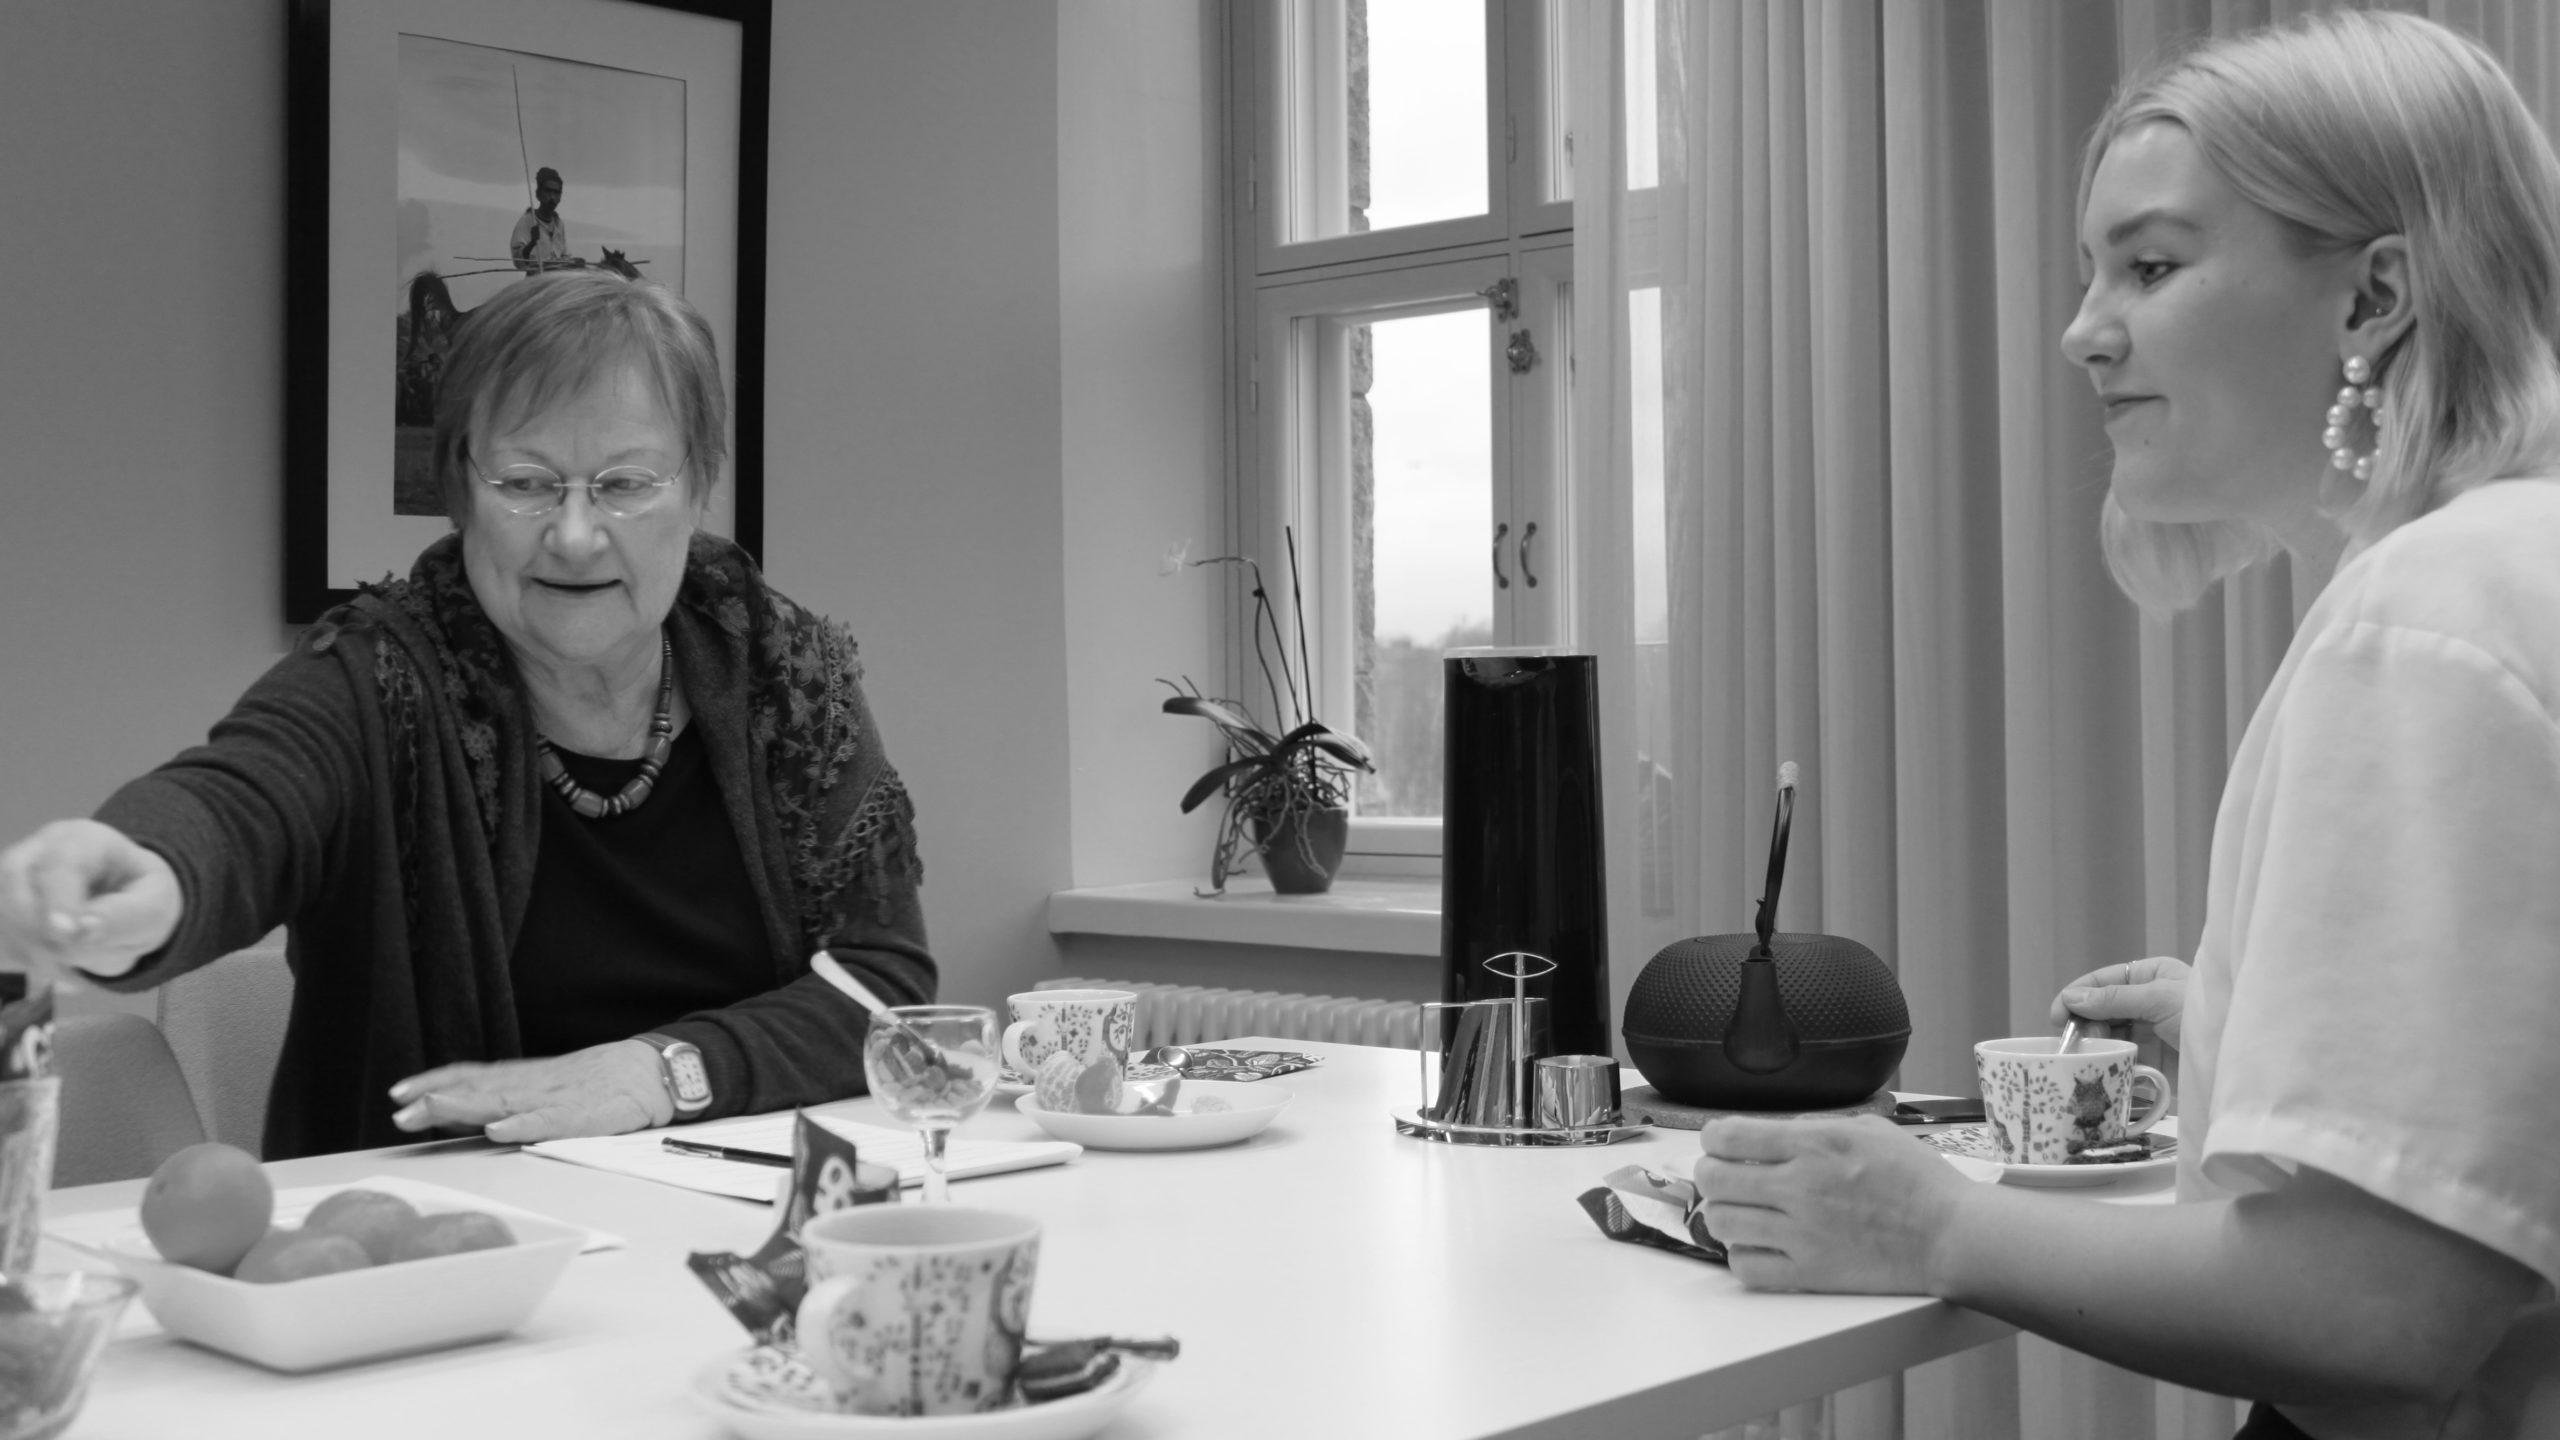 """Presidentti Tarja Halonen: """"Ilmastoahdistus on ensimmäinen askel sen ymmärtämisessä, että homma on pielessä"""""""